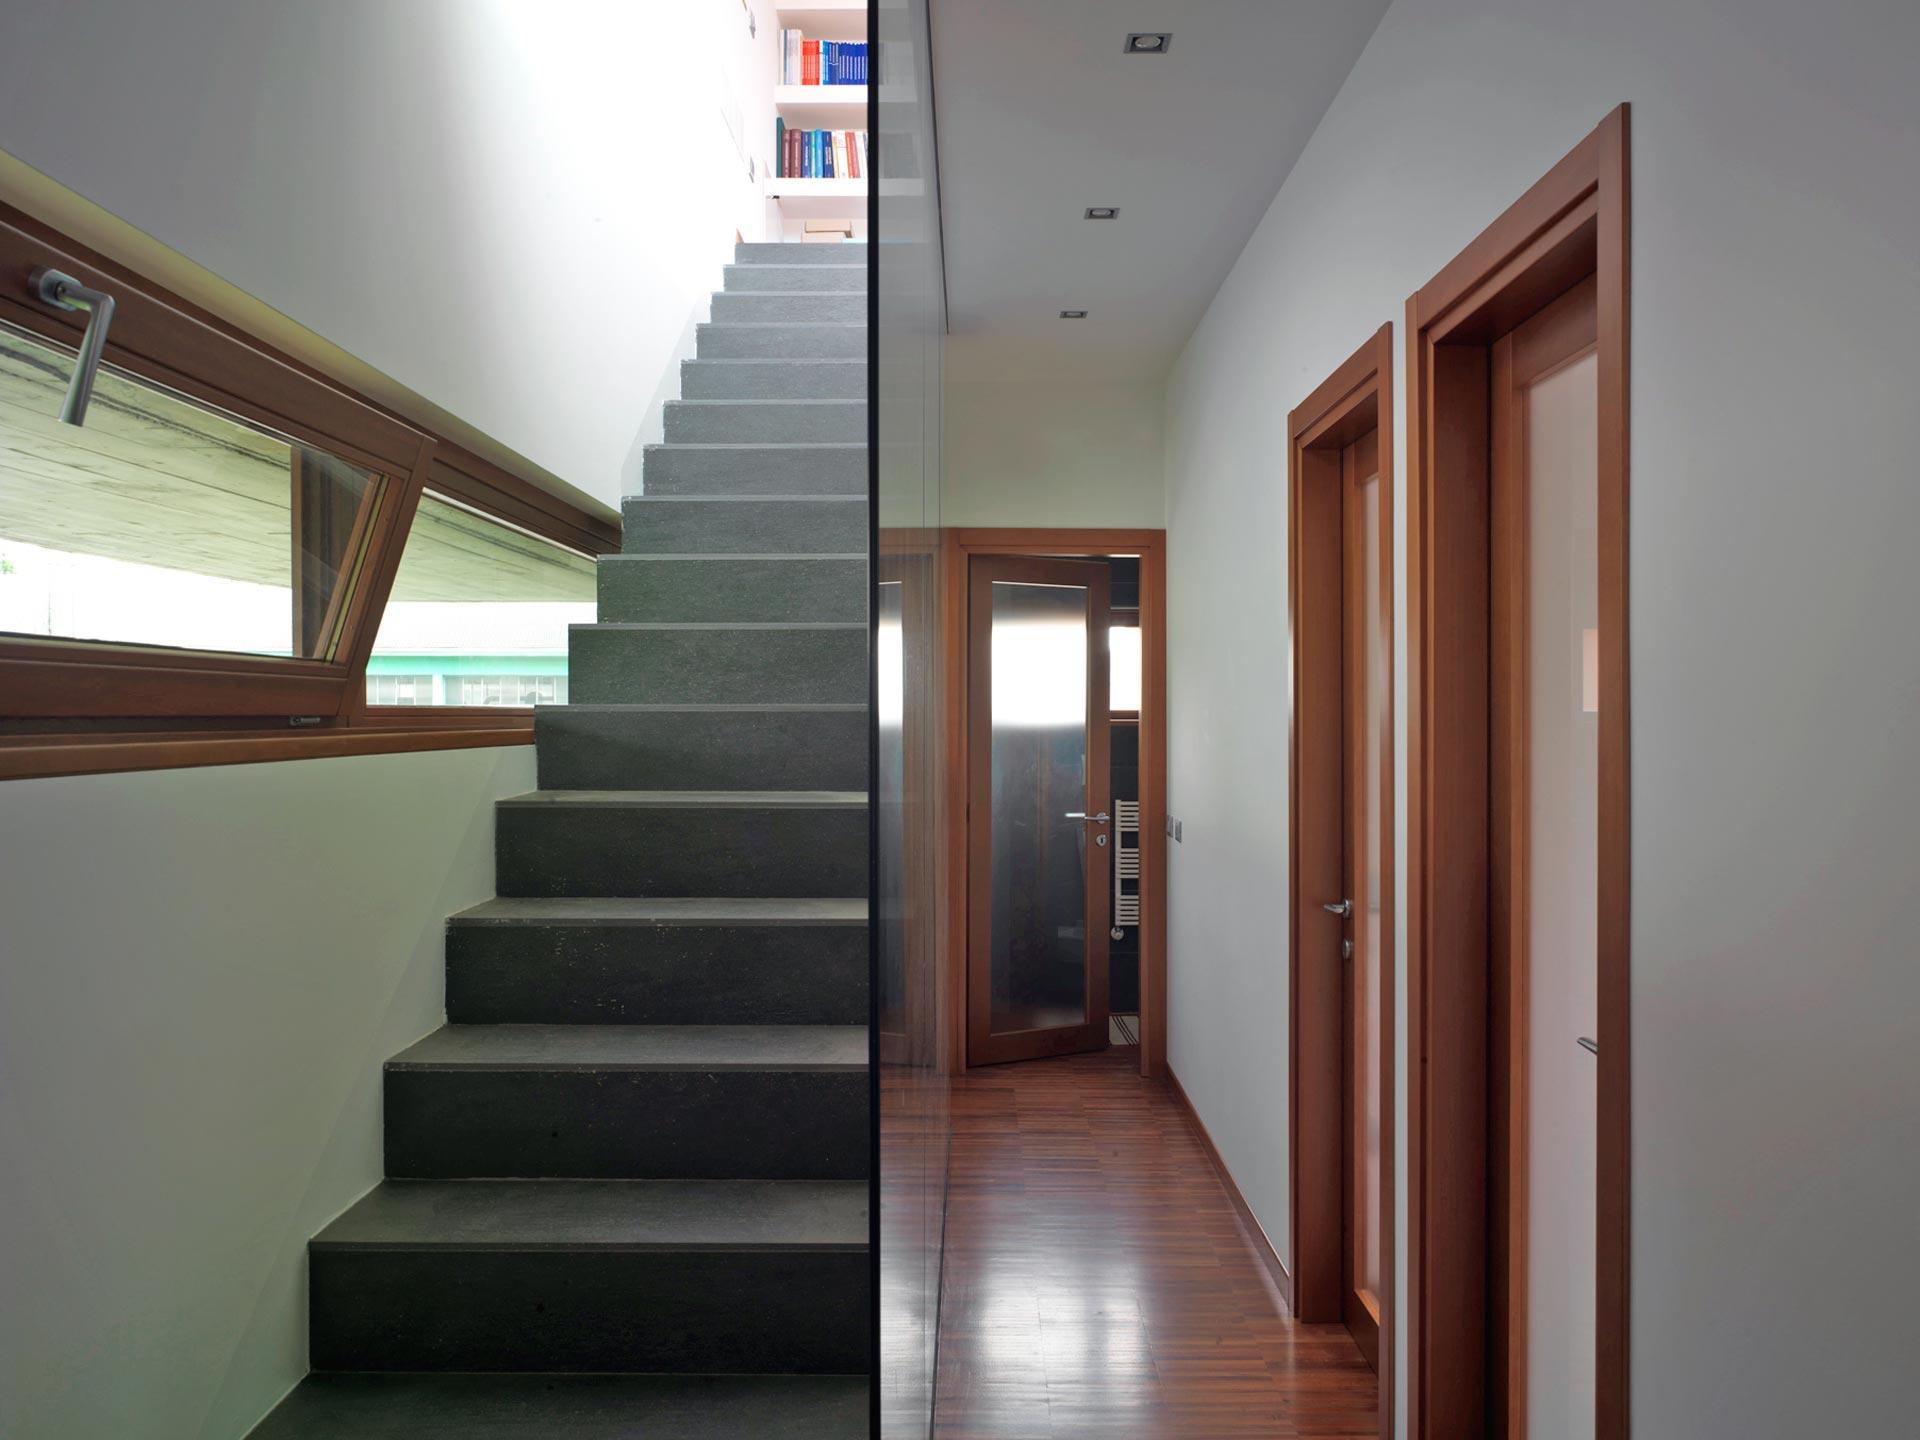 Vue d'un couloir et d'un escalier avec fenêtres en ruban avec ouverture vasistas